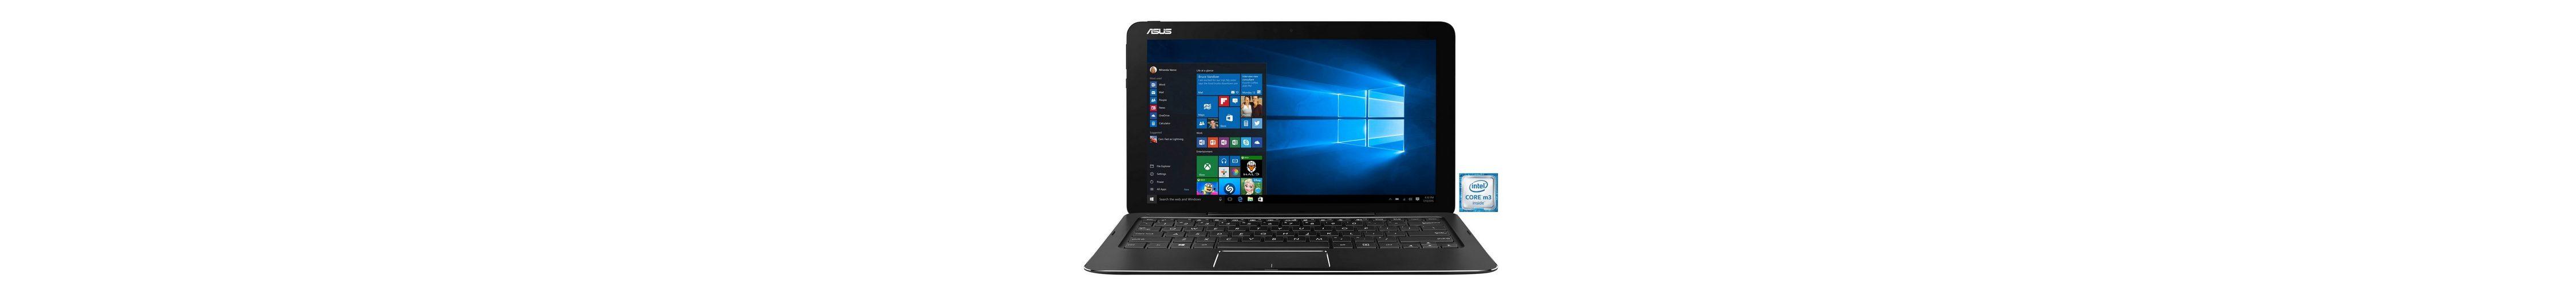 """ASUS T302CA-FL010T Notebook »Intel Core m3, 31,7cm (12,5""""), 128 GB SSD, 8 GB«"""